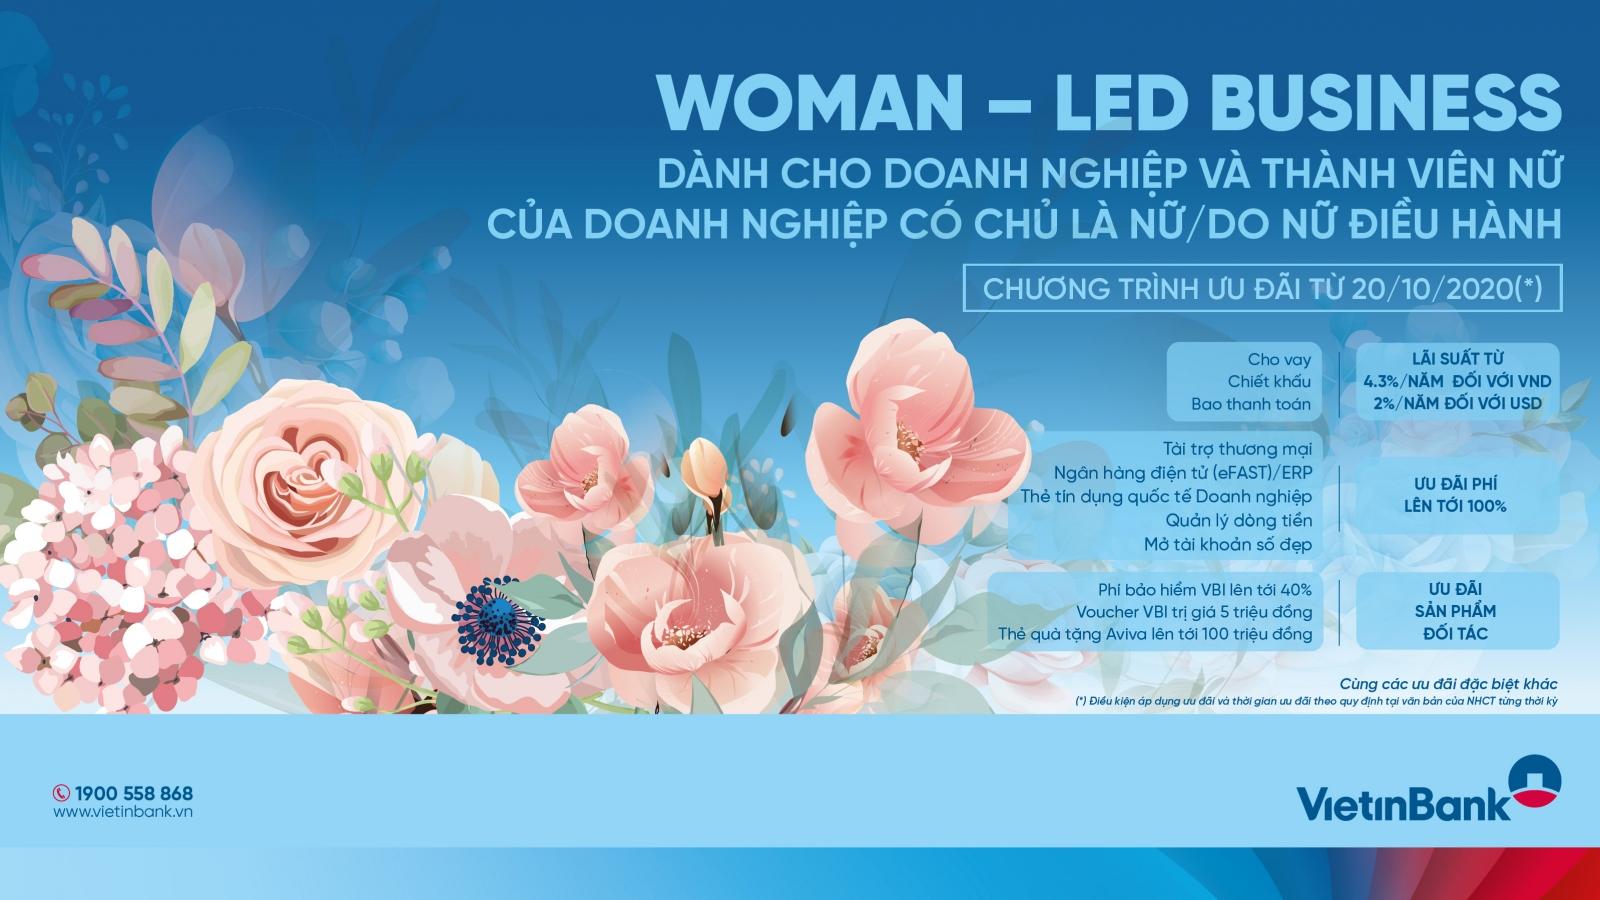 VietinBank ưu đãi đặc biệt dành tặng doanh nhân nữ và doanh nghiệp lãnh đạo là phụ nữ